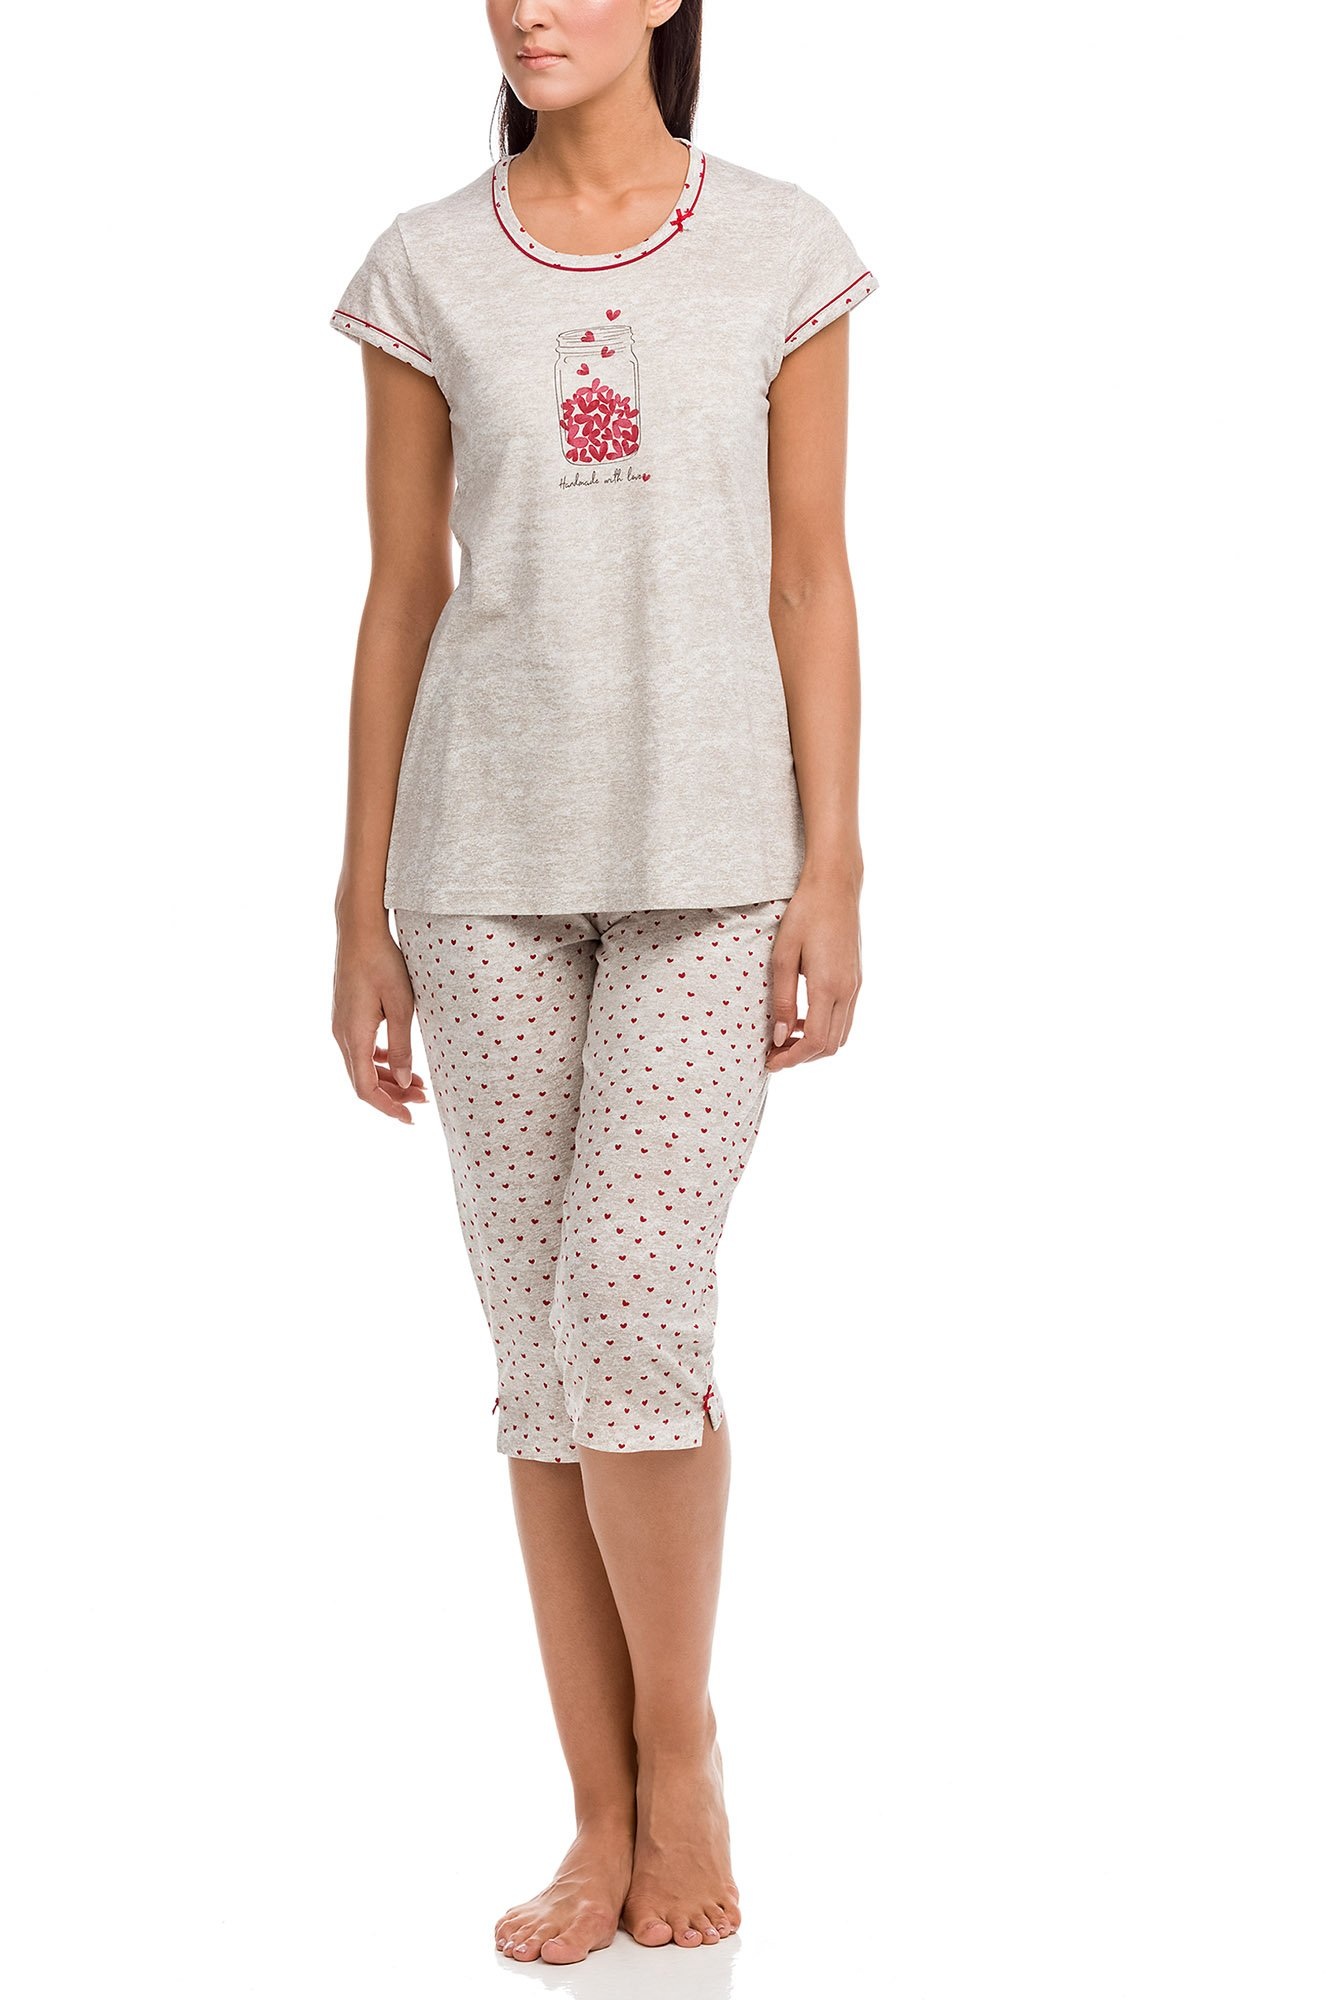 Vamp - Dámske pyžamo 12100 - Vamp beige xl